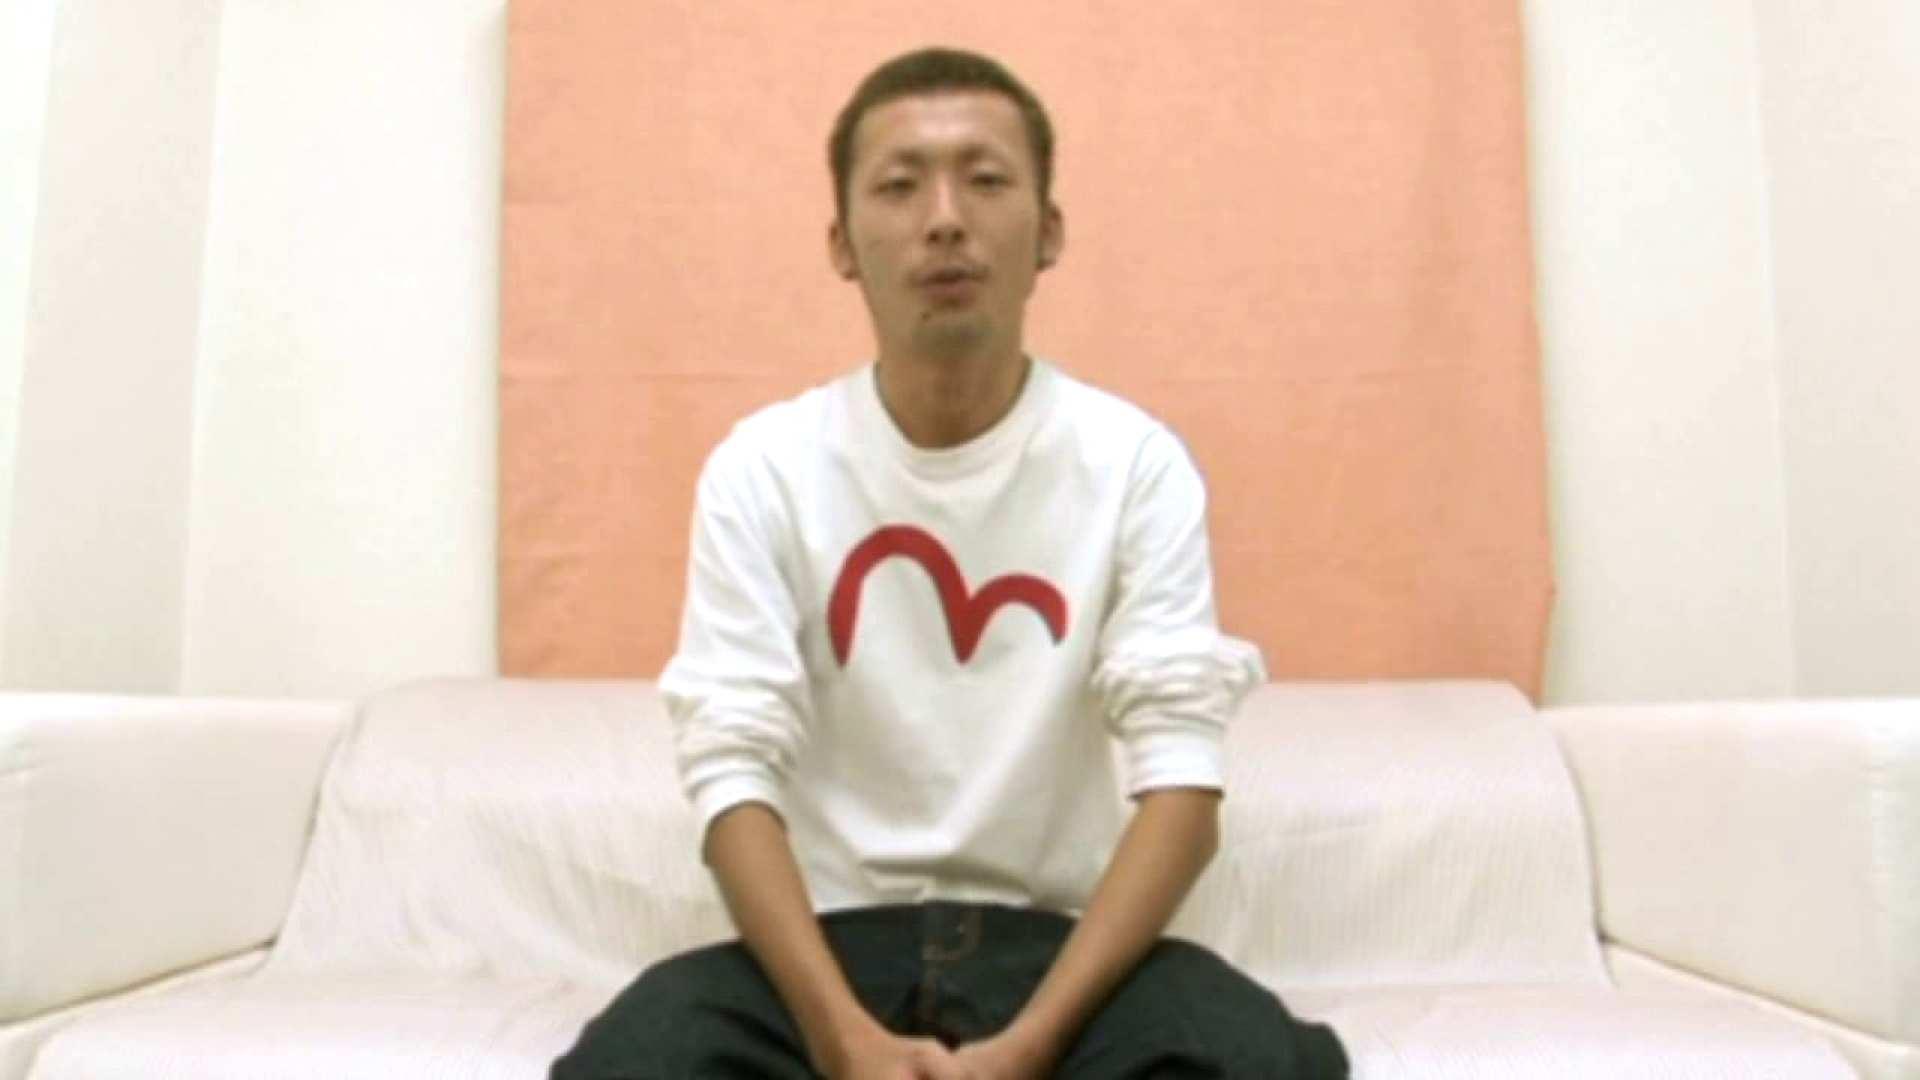 ノンケ!自慰スタジオ No.11 オナニー アダルトビデオ画像キャプチャ 88枚 7